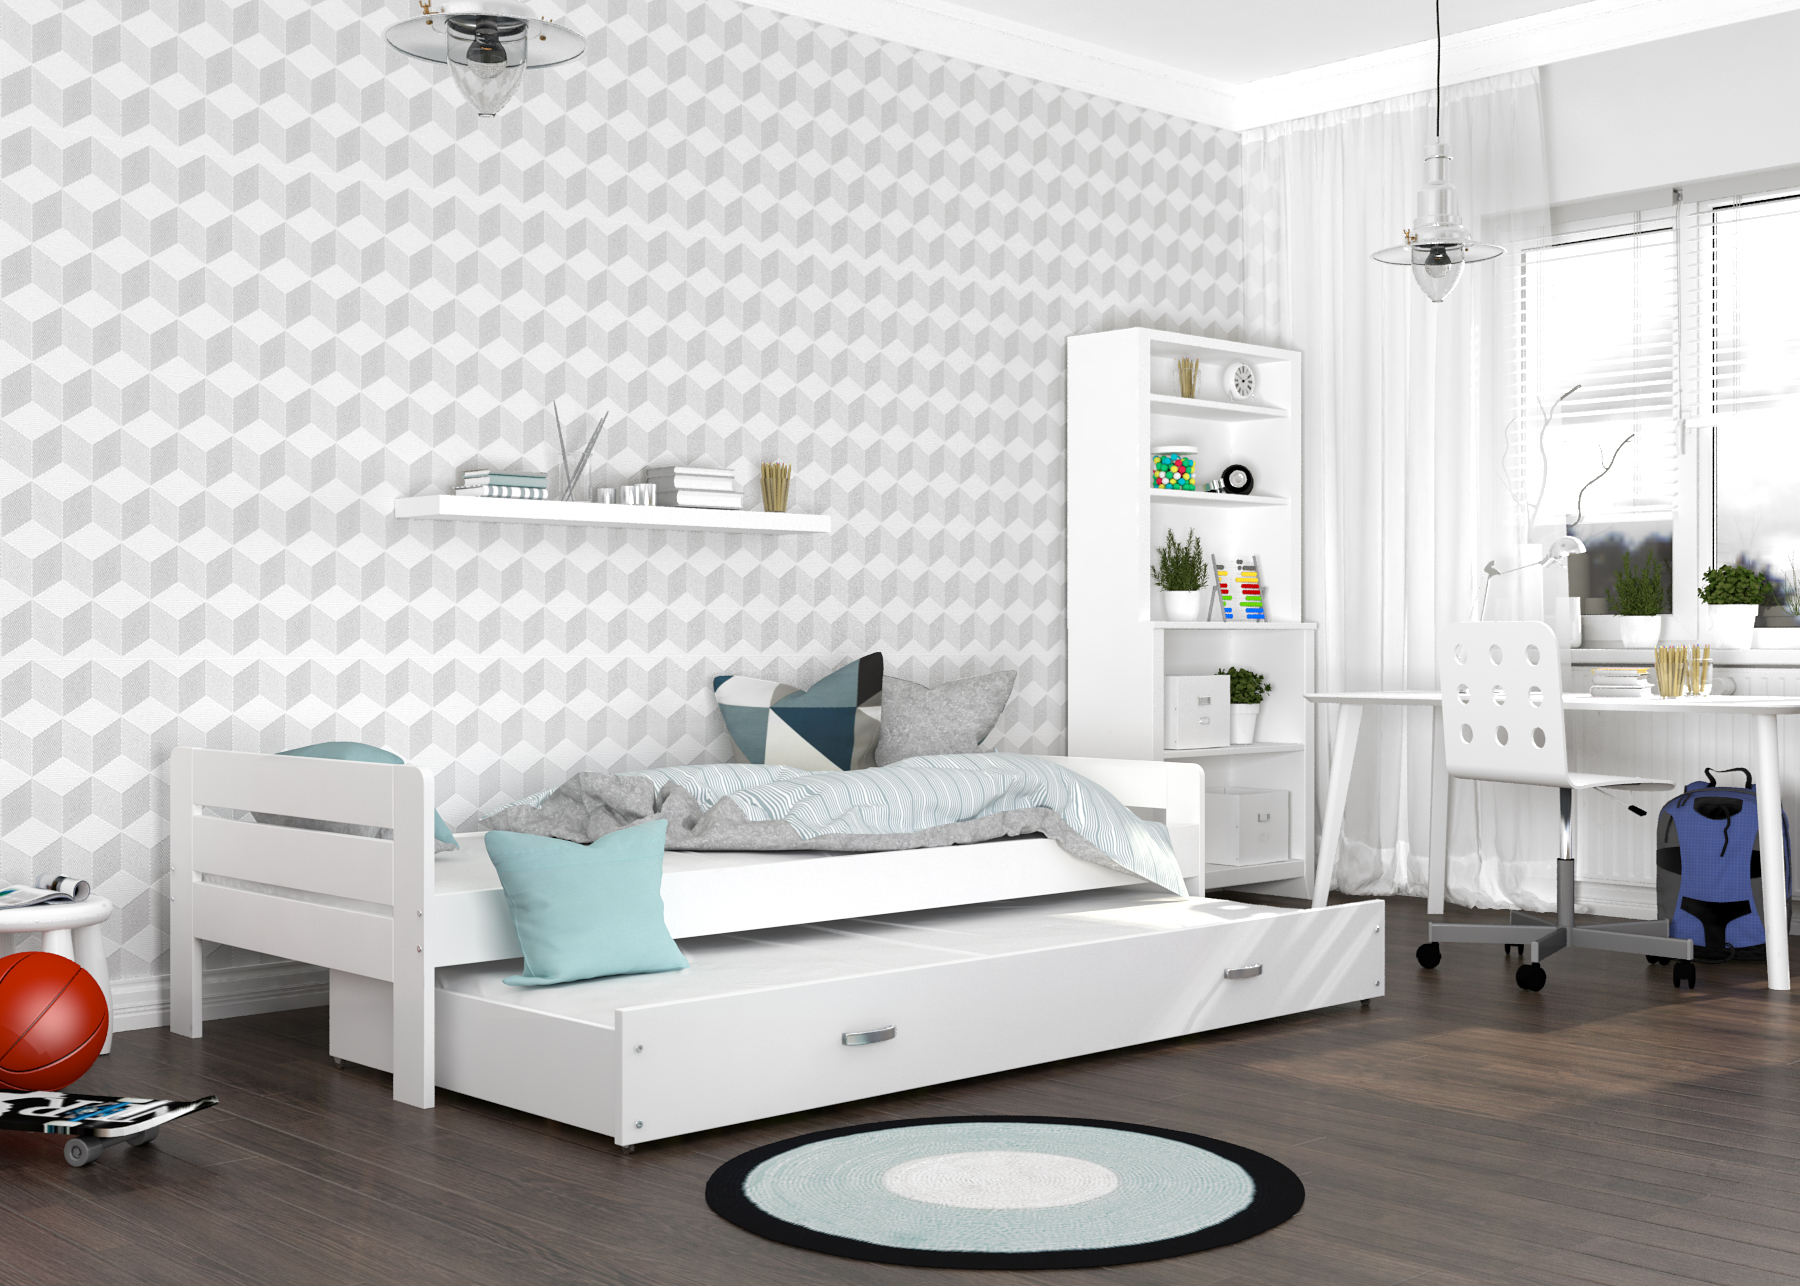 ArtAJ Detská posteľ Ben Farba: Biela, Prevedenie: s matracom